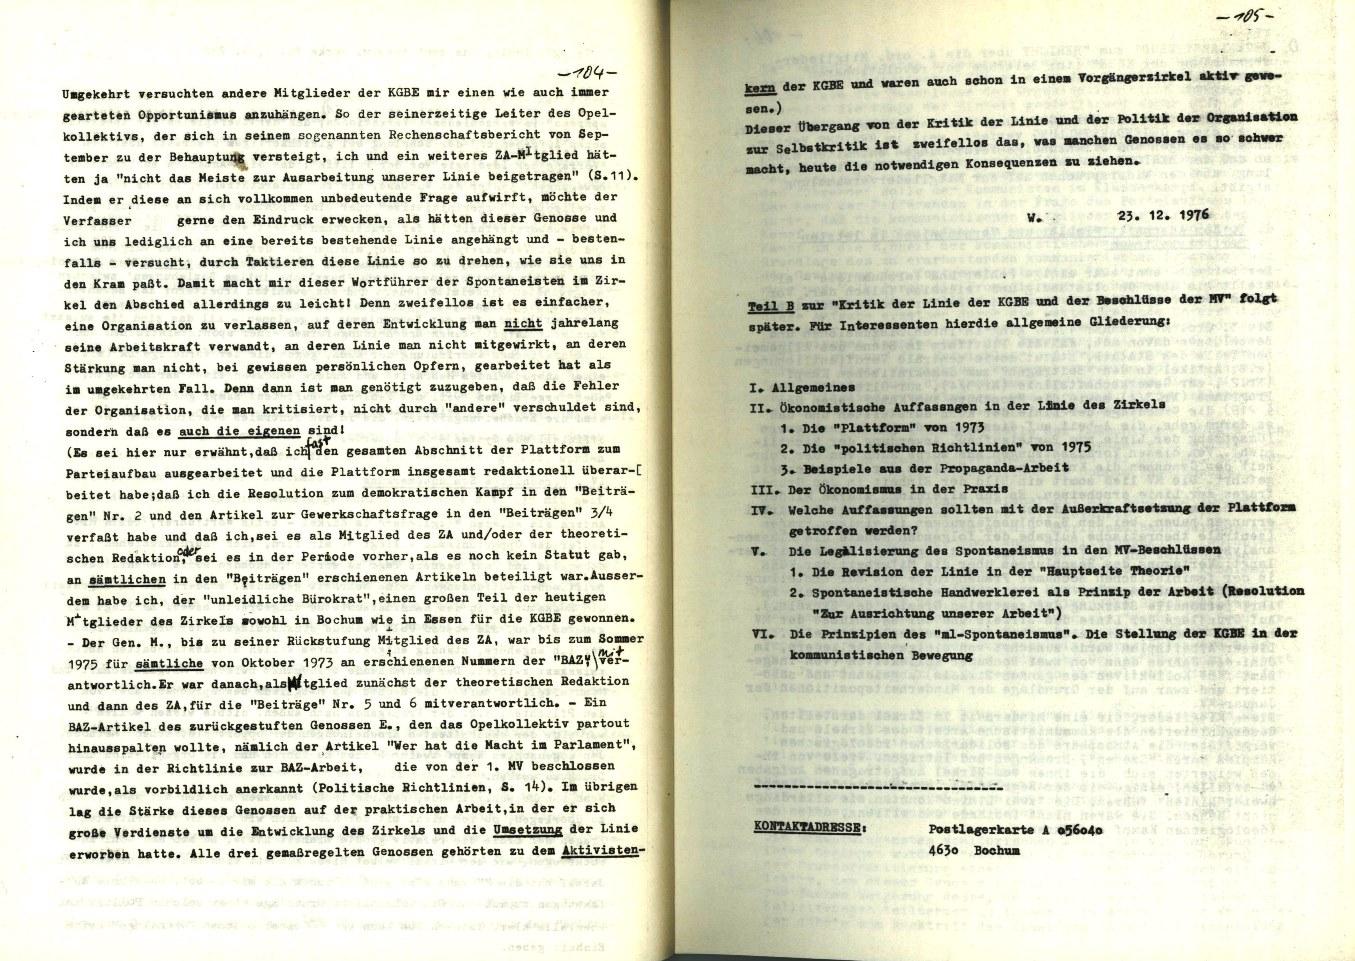 KGBE_Ehemalige_1977_Kritik_an_der_KGBE_56